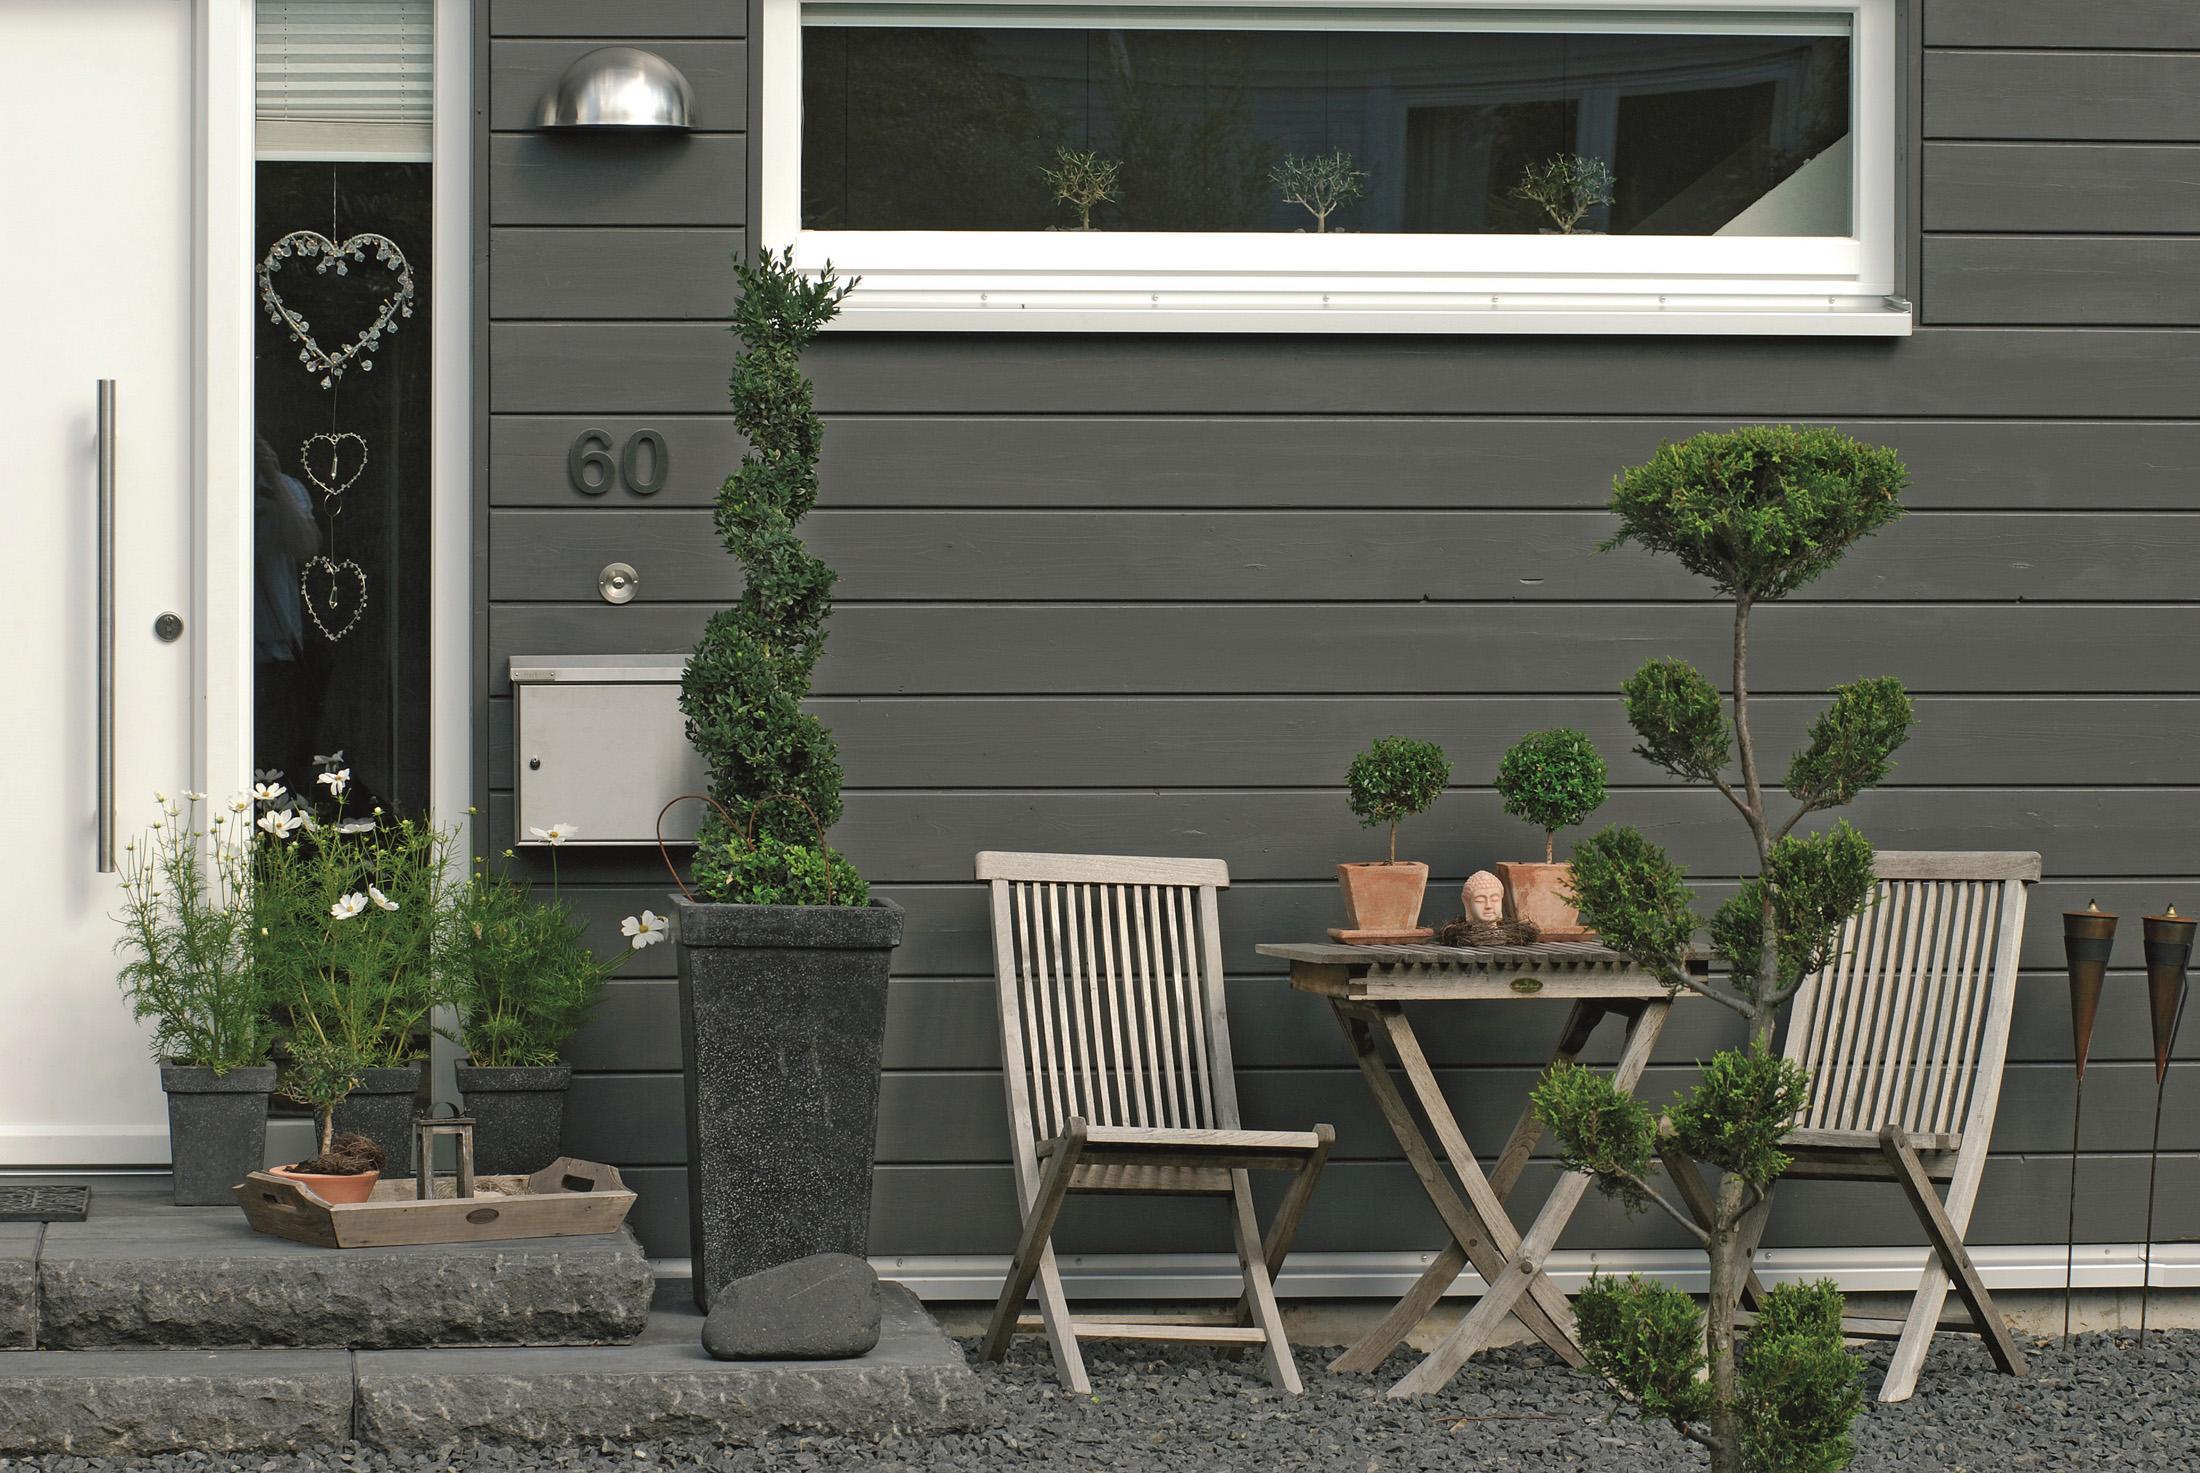 Vorgarten Gestaltung vorgartengestaltung bilder ideen couchstyle